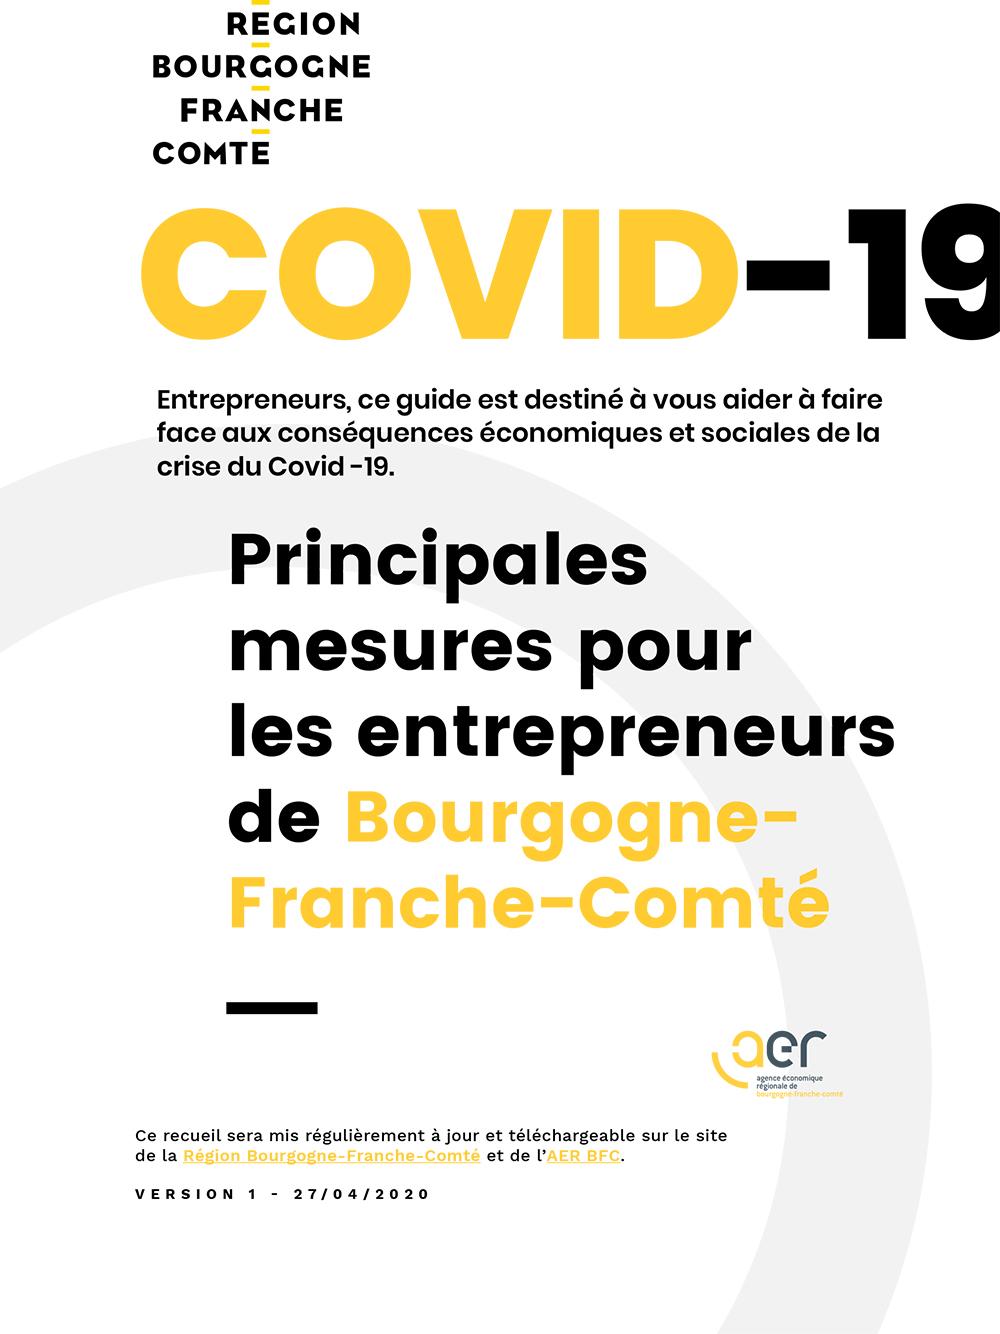 Covid-19 - Principales mesures pour les entrepreneurs de Bourgogne-Franche-Comté